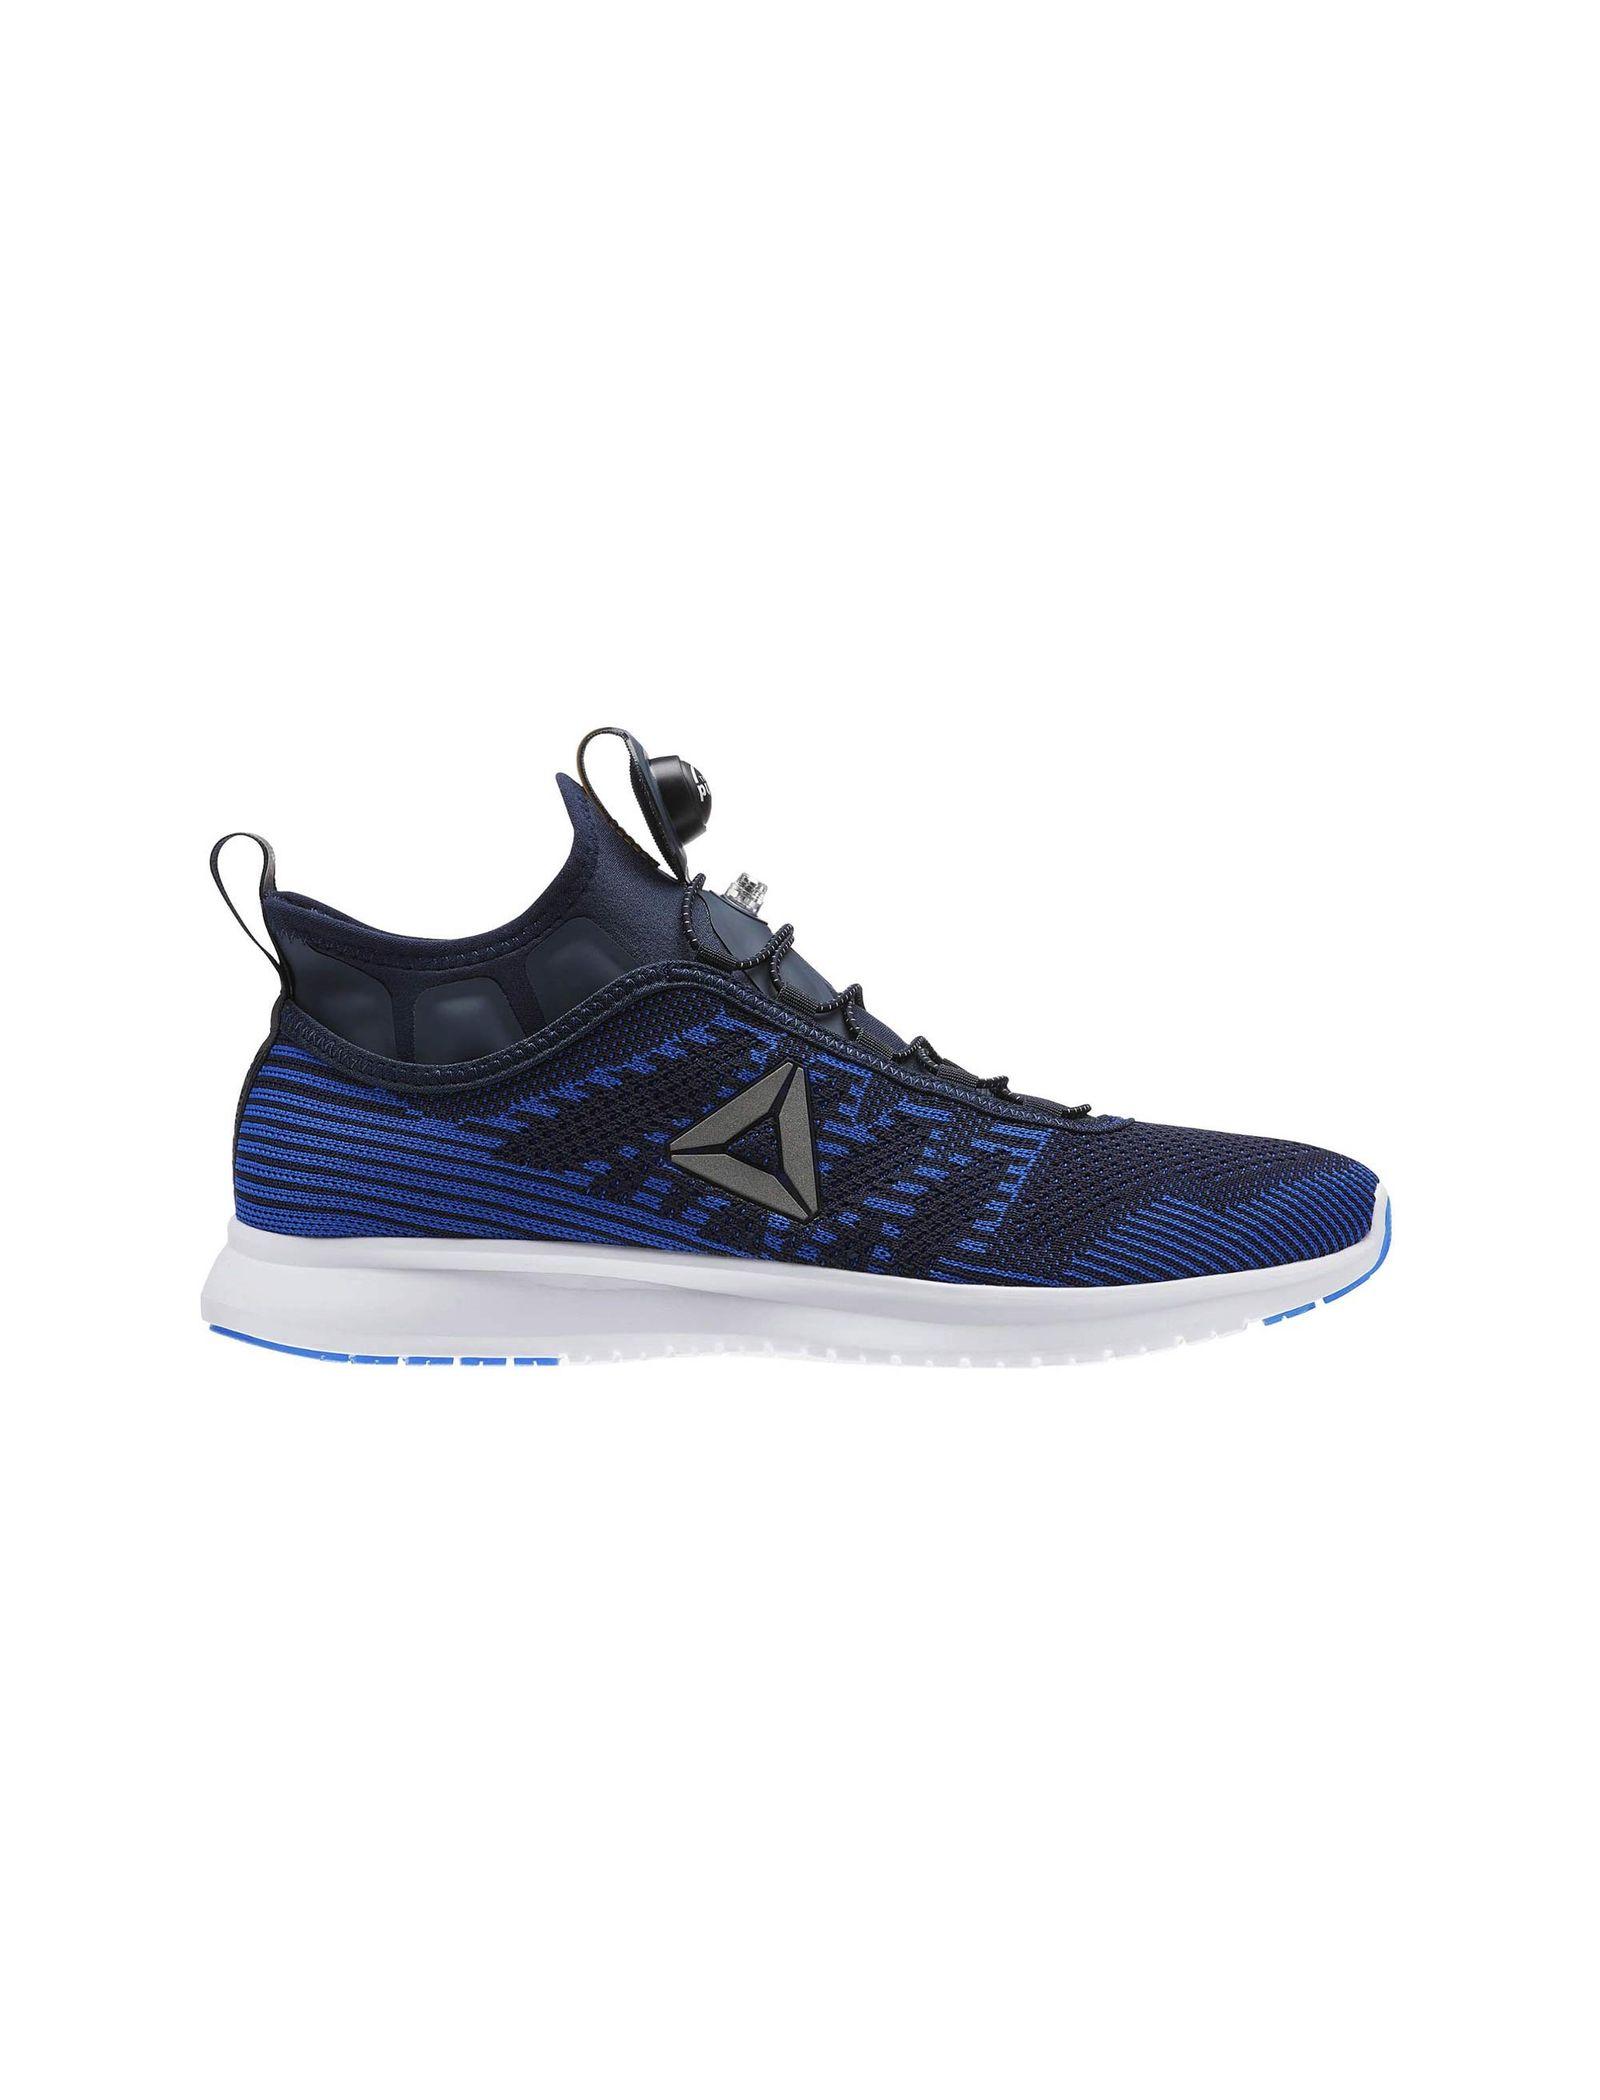 کفش دویدن بندی مردانه Pump Plus Ultraknit - ریباک - آبي سرمه اي - 1